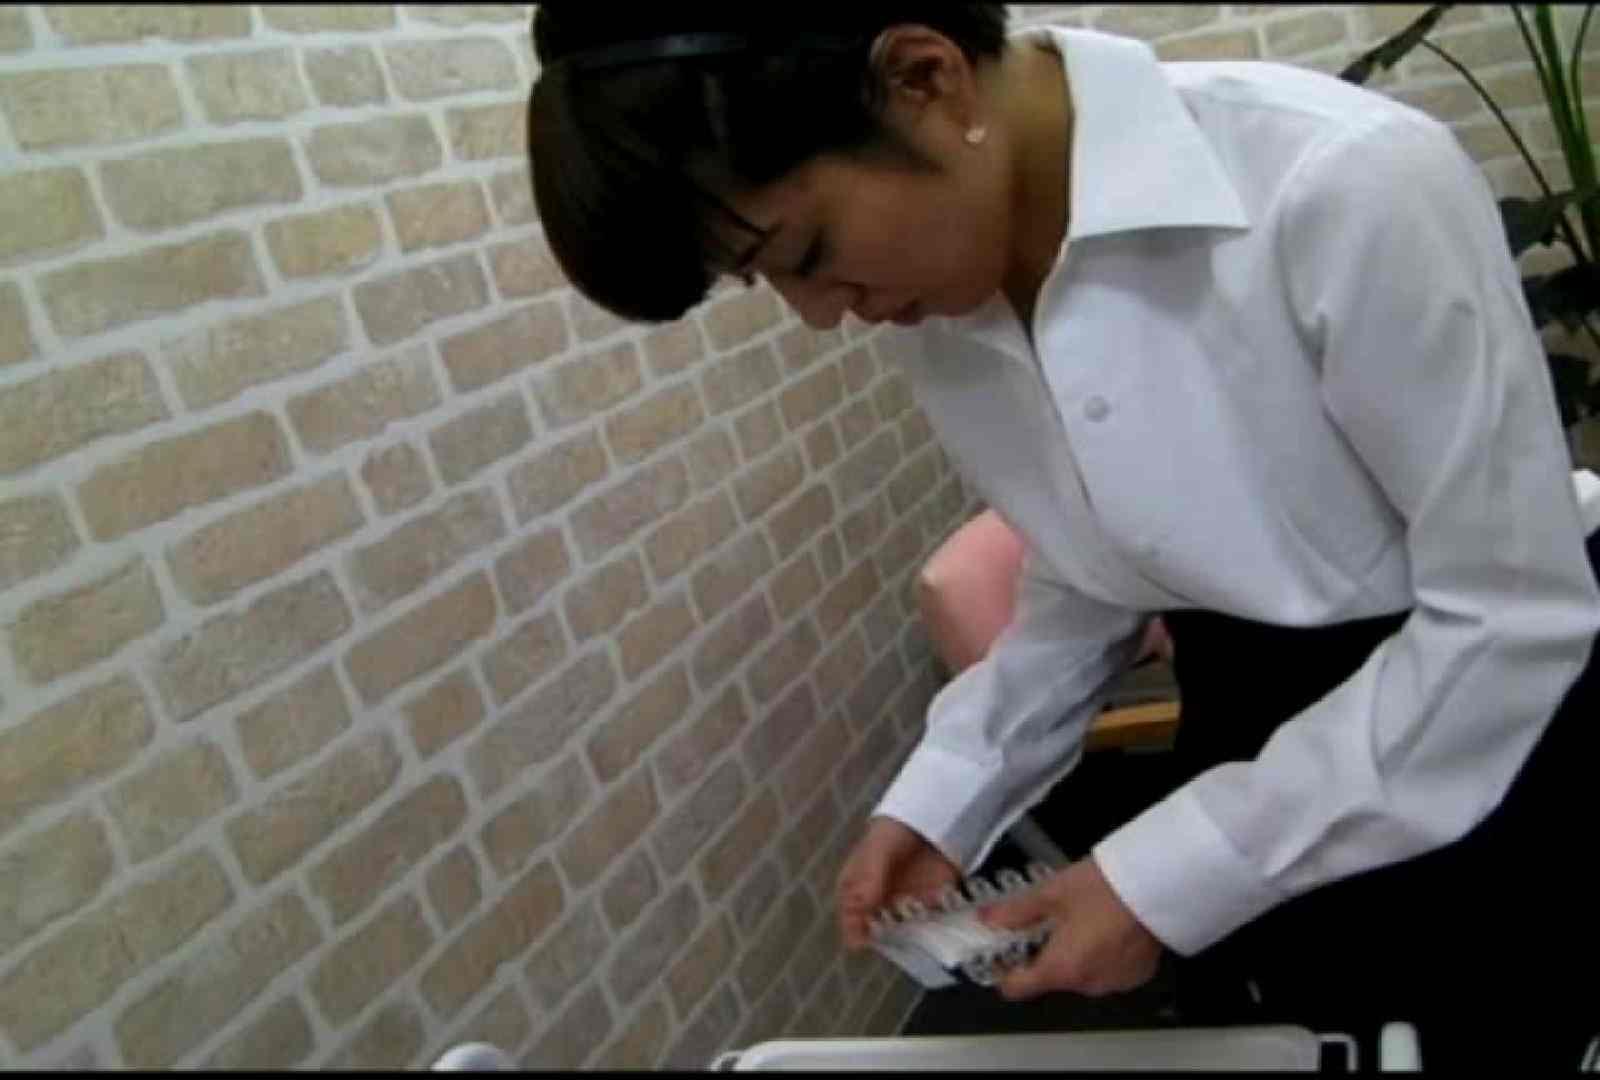 いきつけの美容院はノーブラ営業中!Vol.1 OLセックス | コスチューム  74画像 53